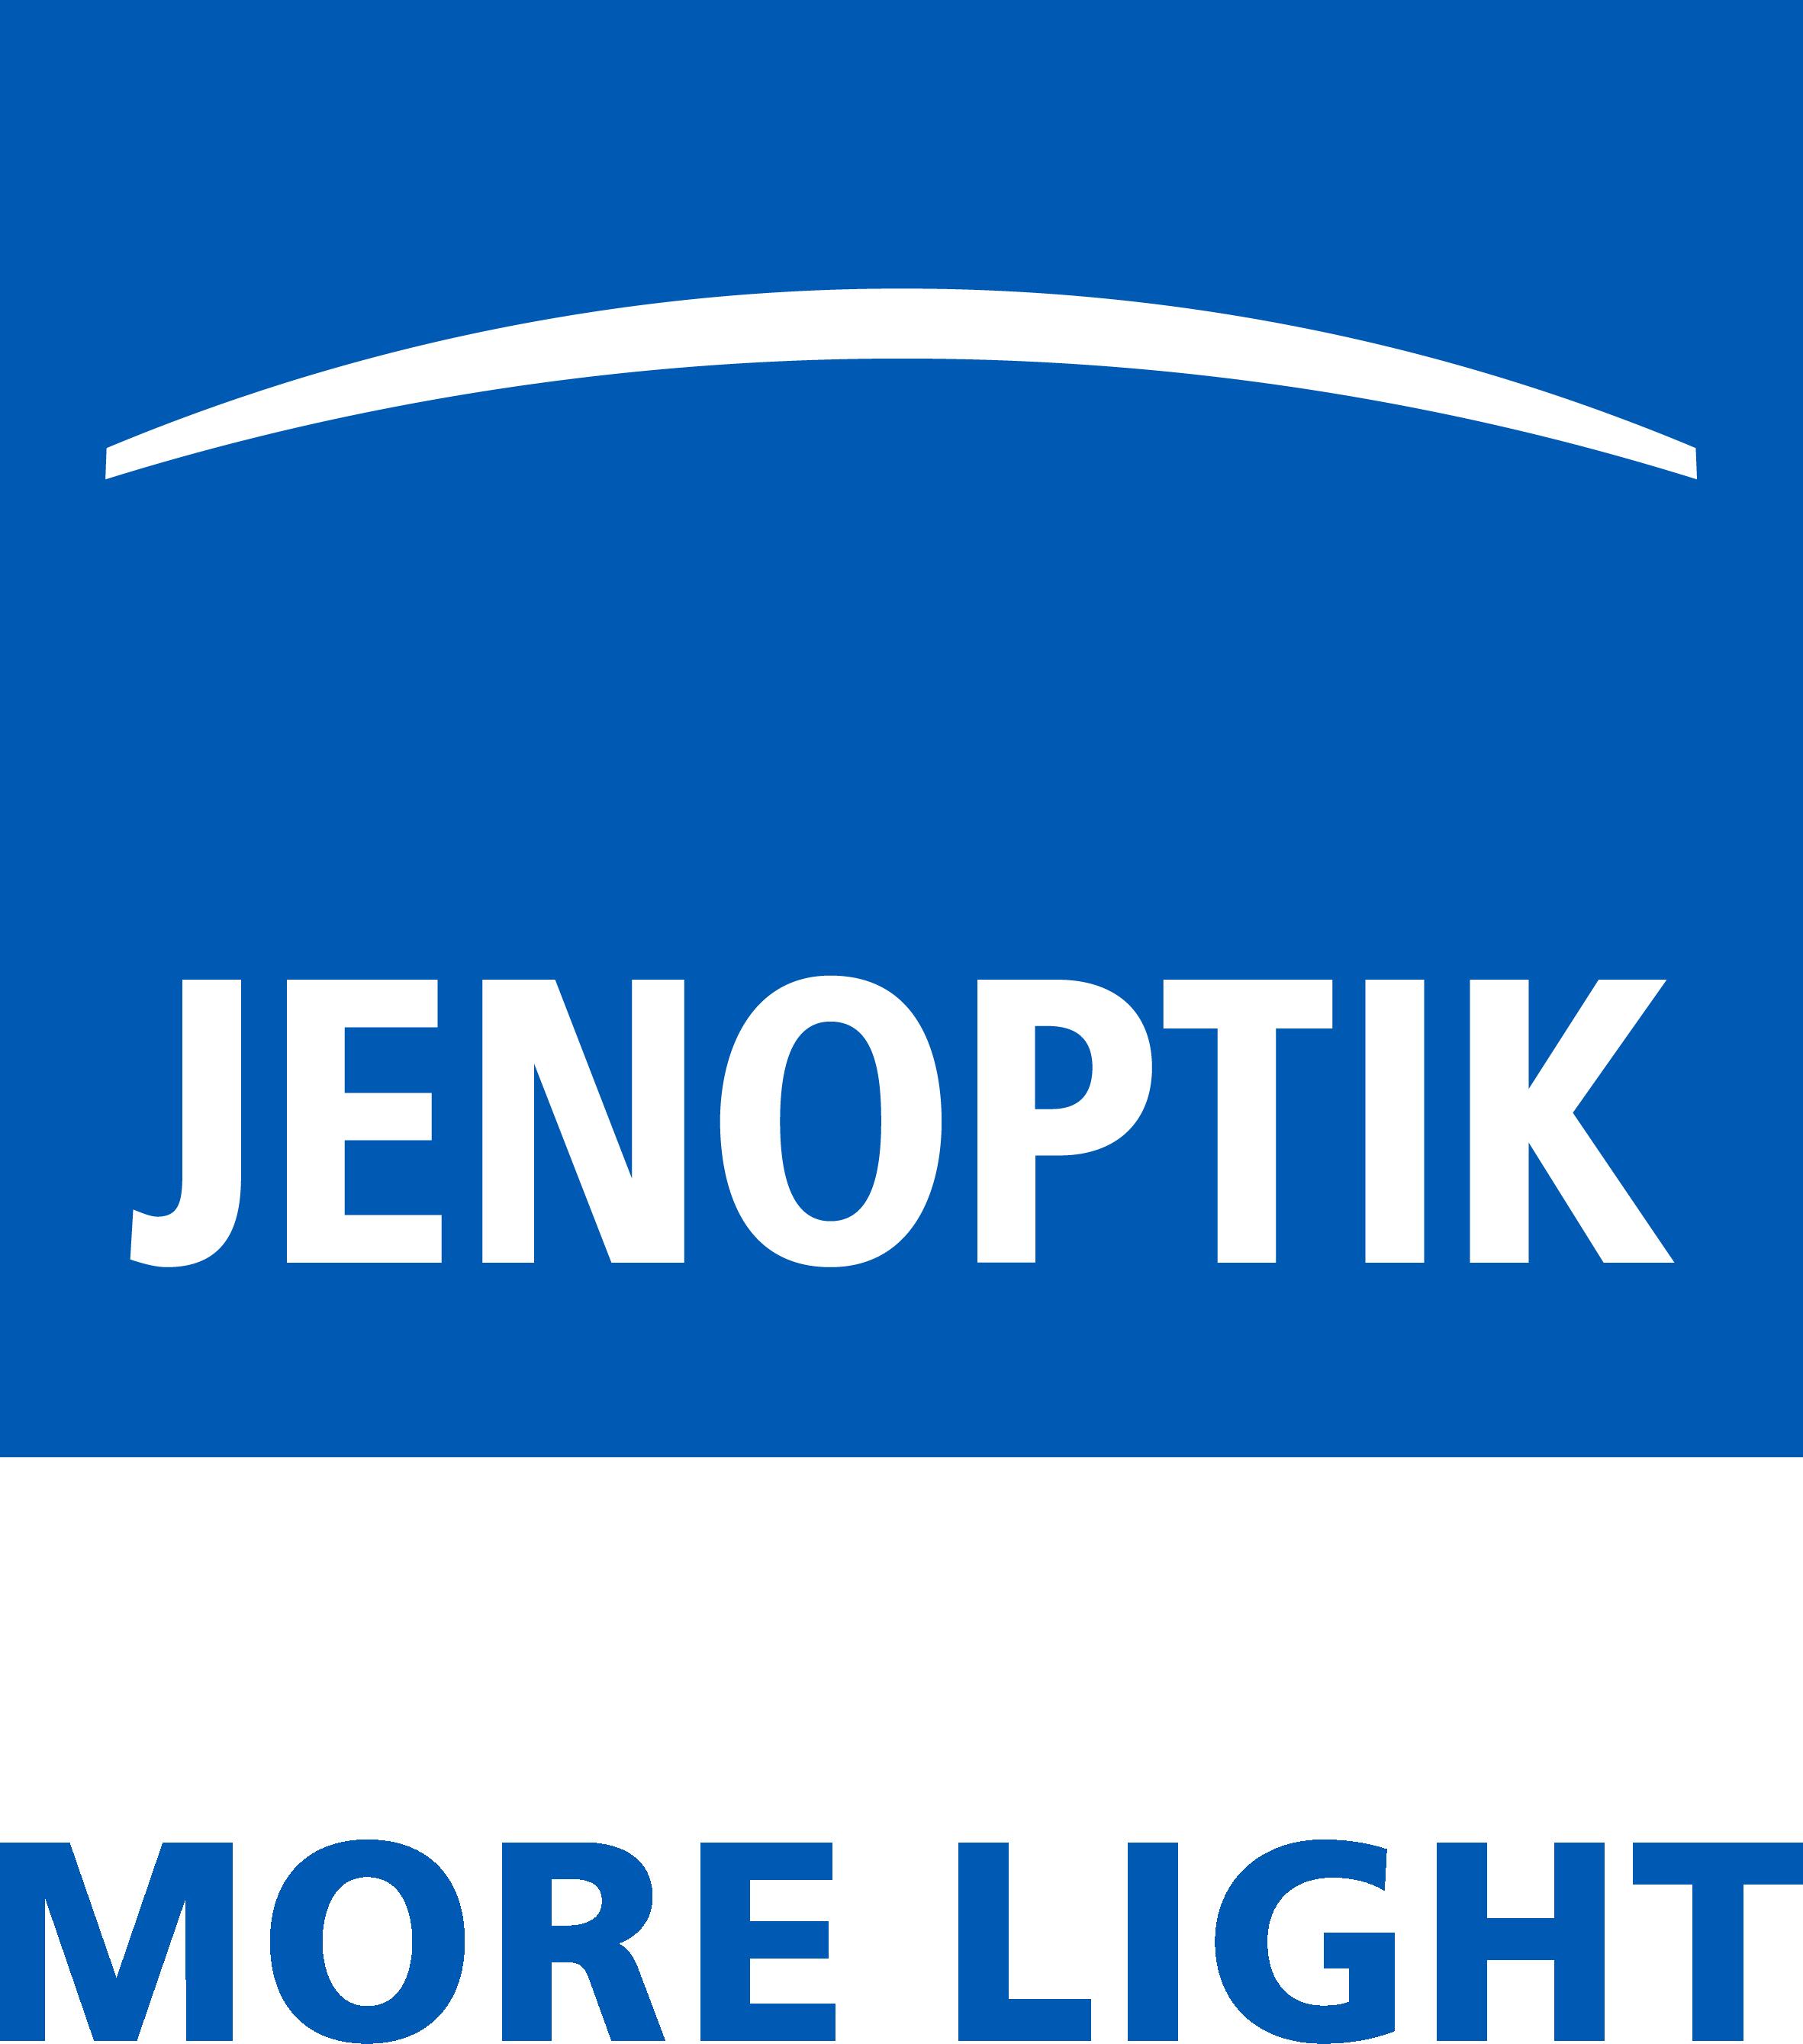 Jenoptik_Logo_Standalone_Claim_RGB-1694